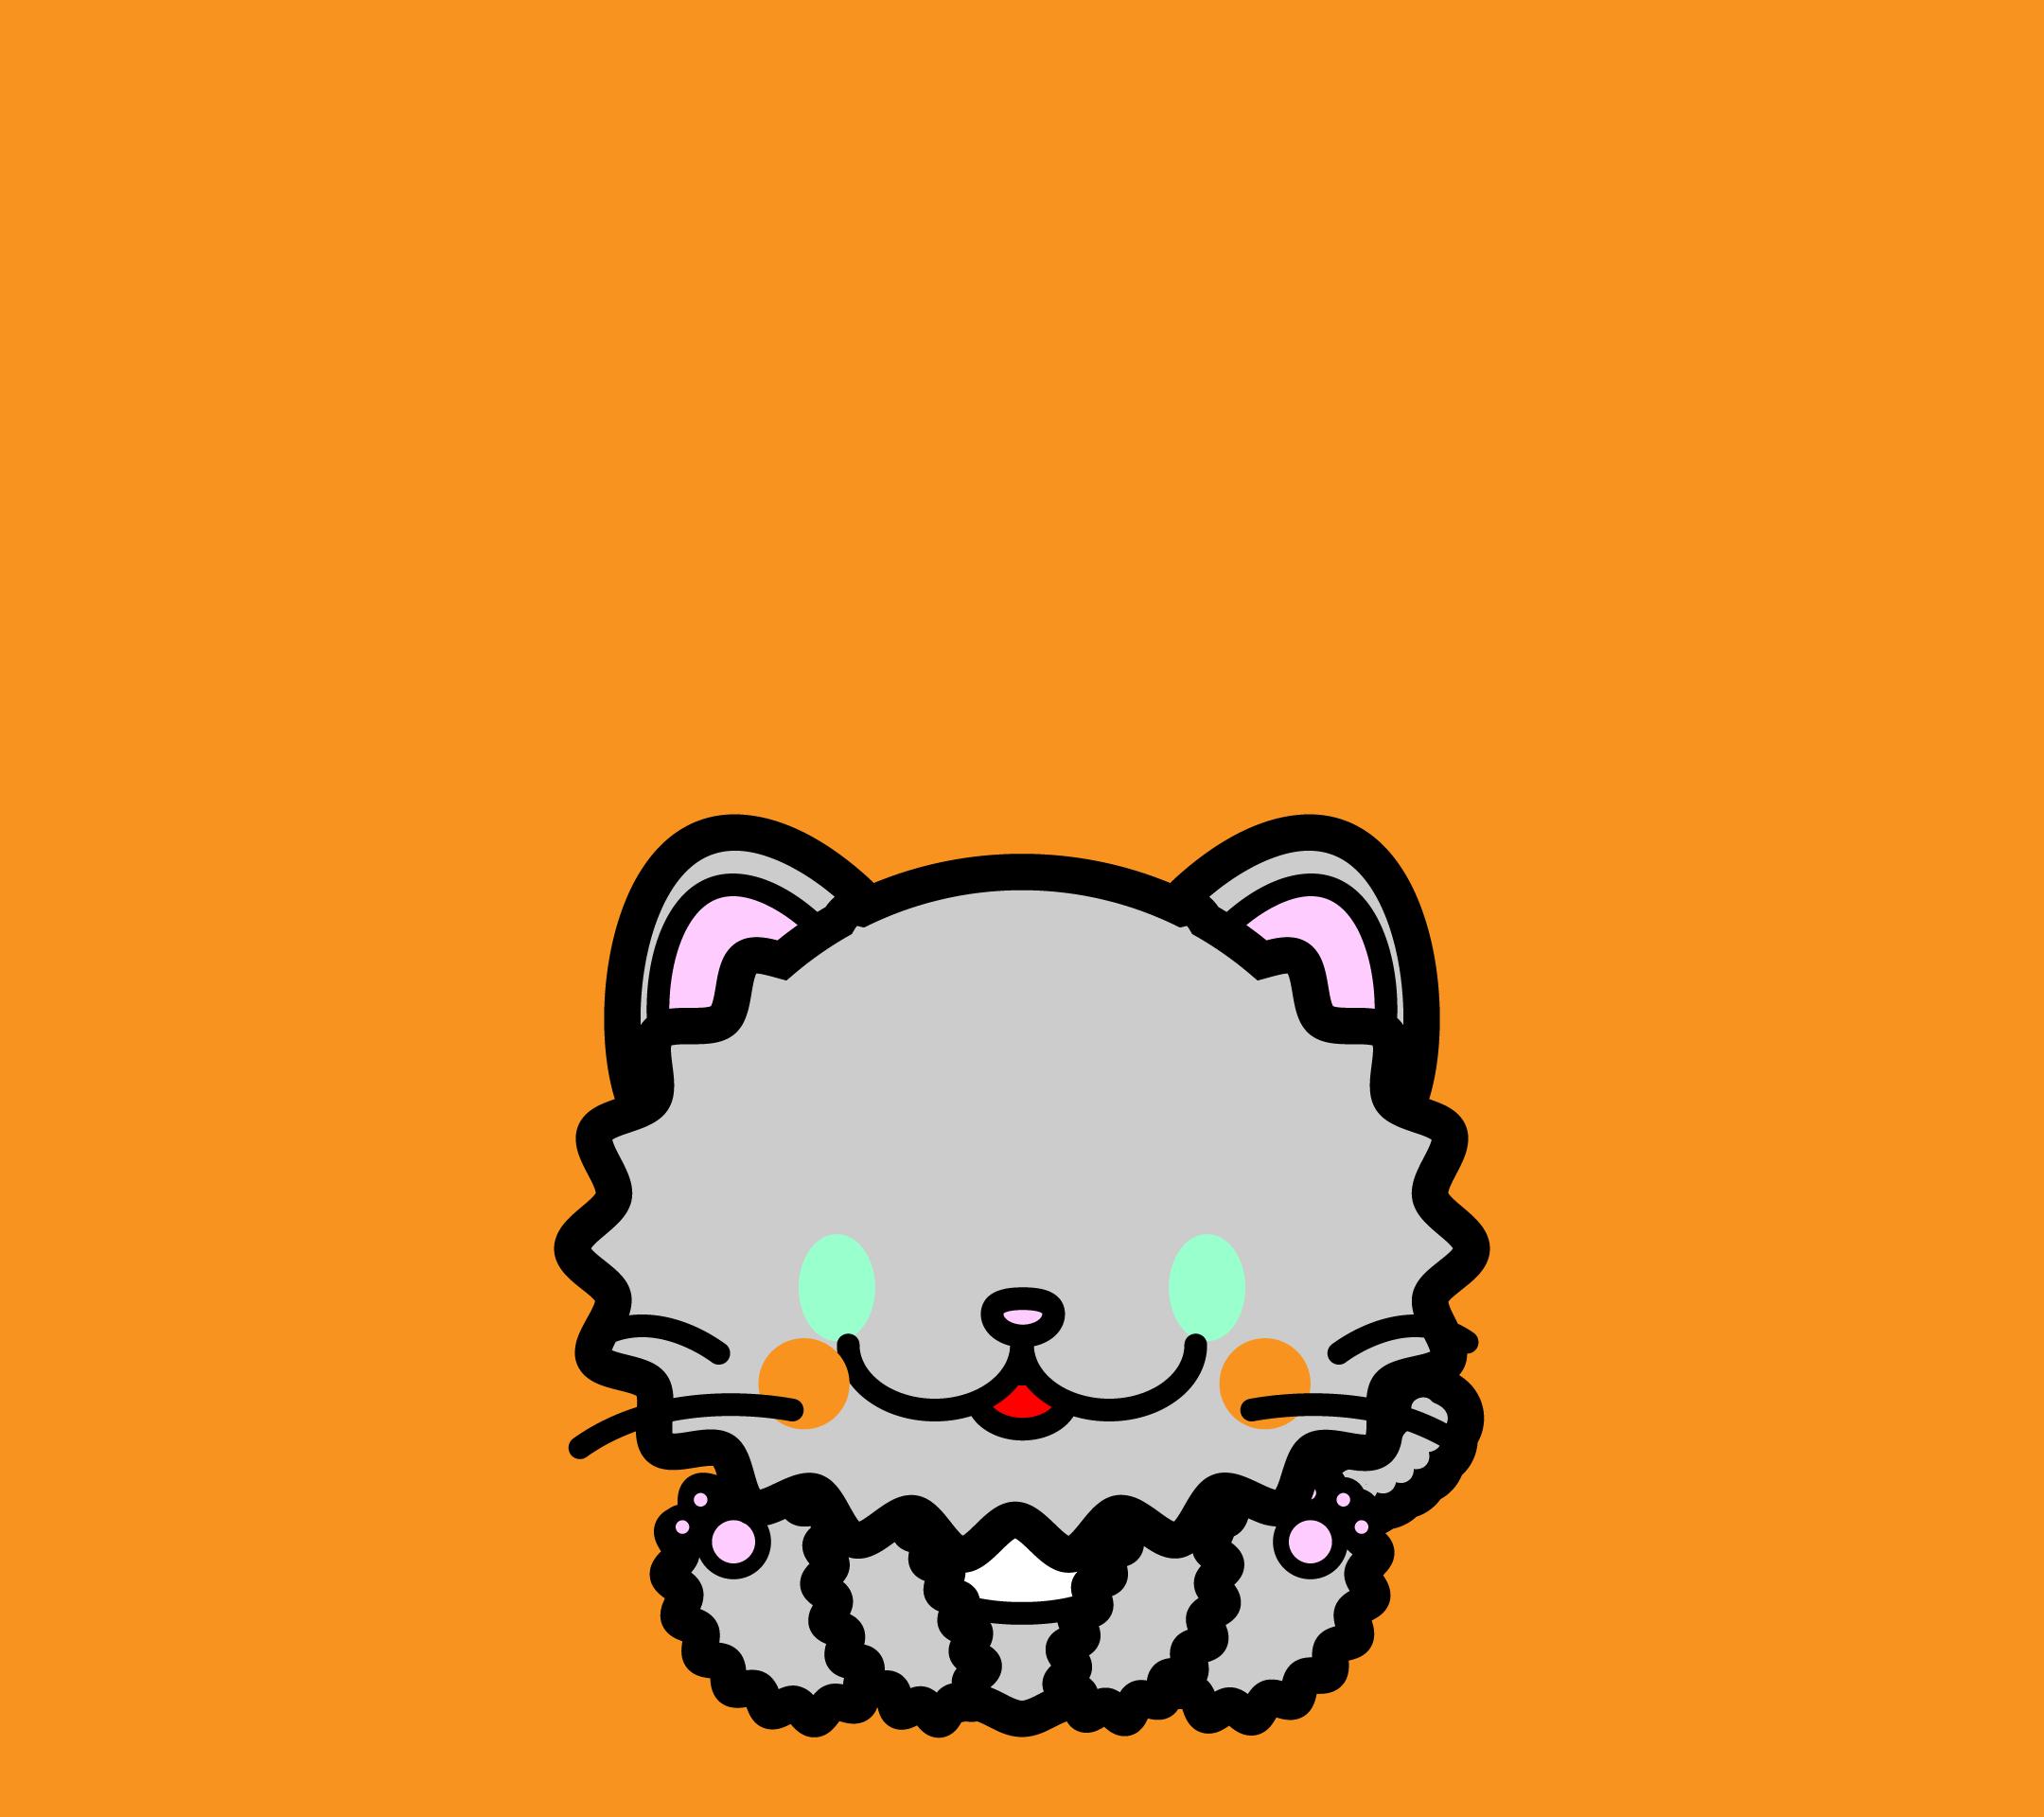 かわいい座りペルシャ猫壁紙(Android)の無料イラスト・商用フリー